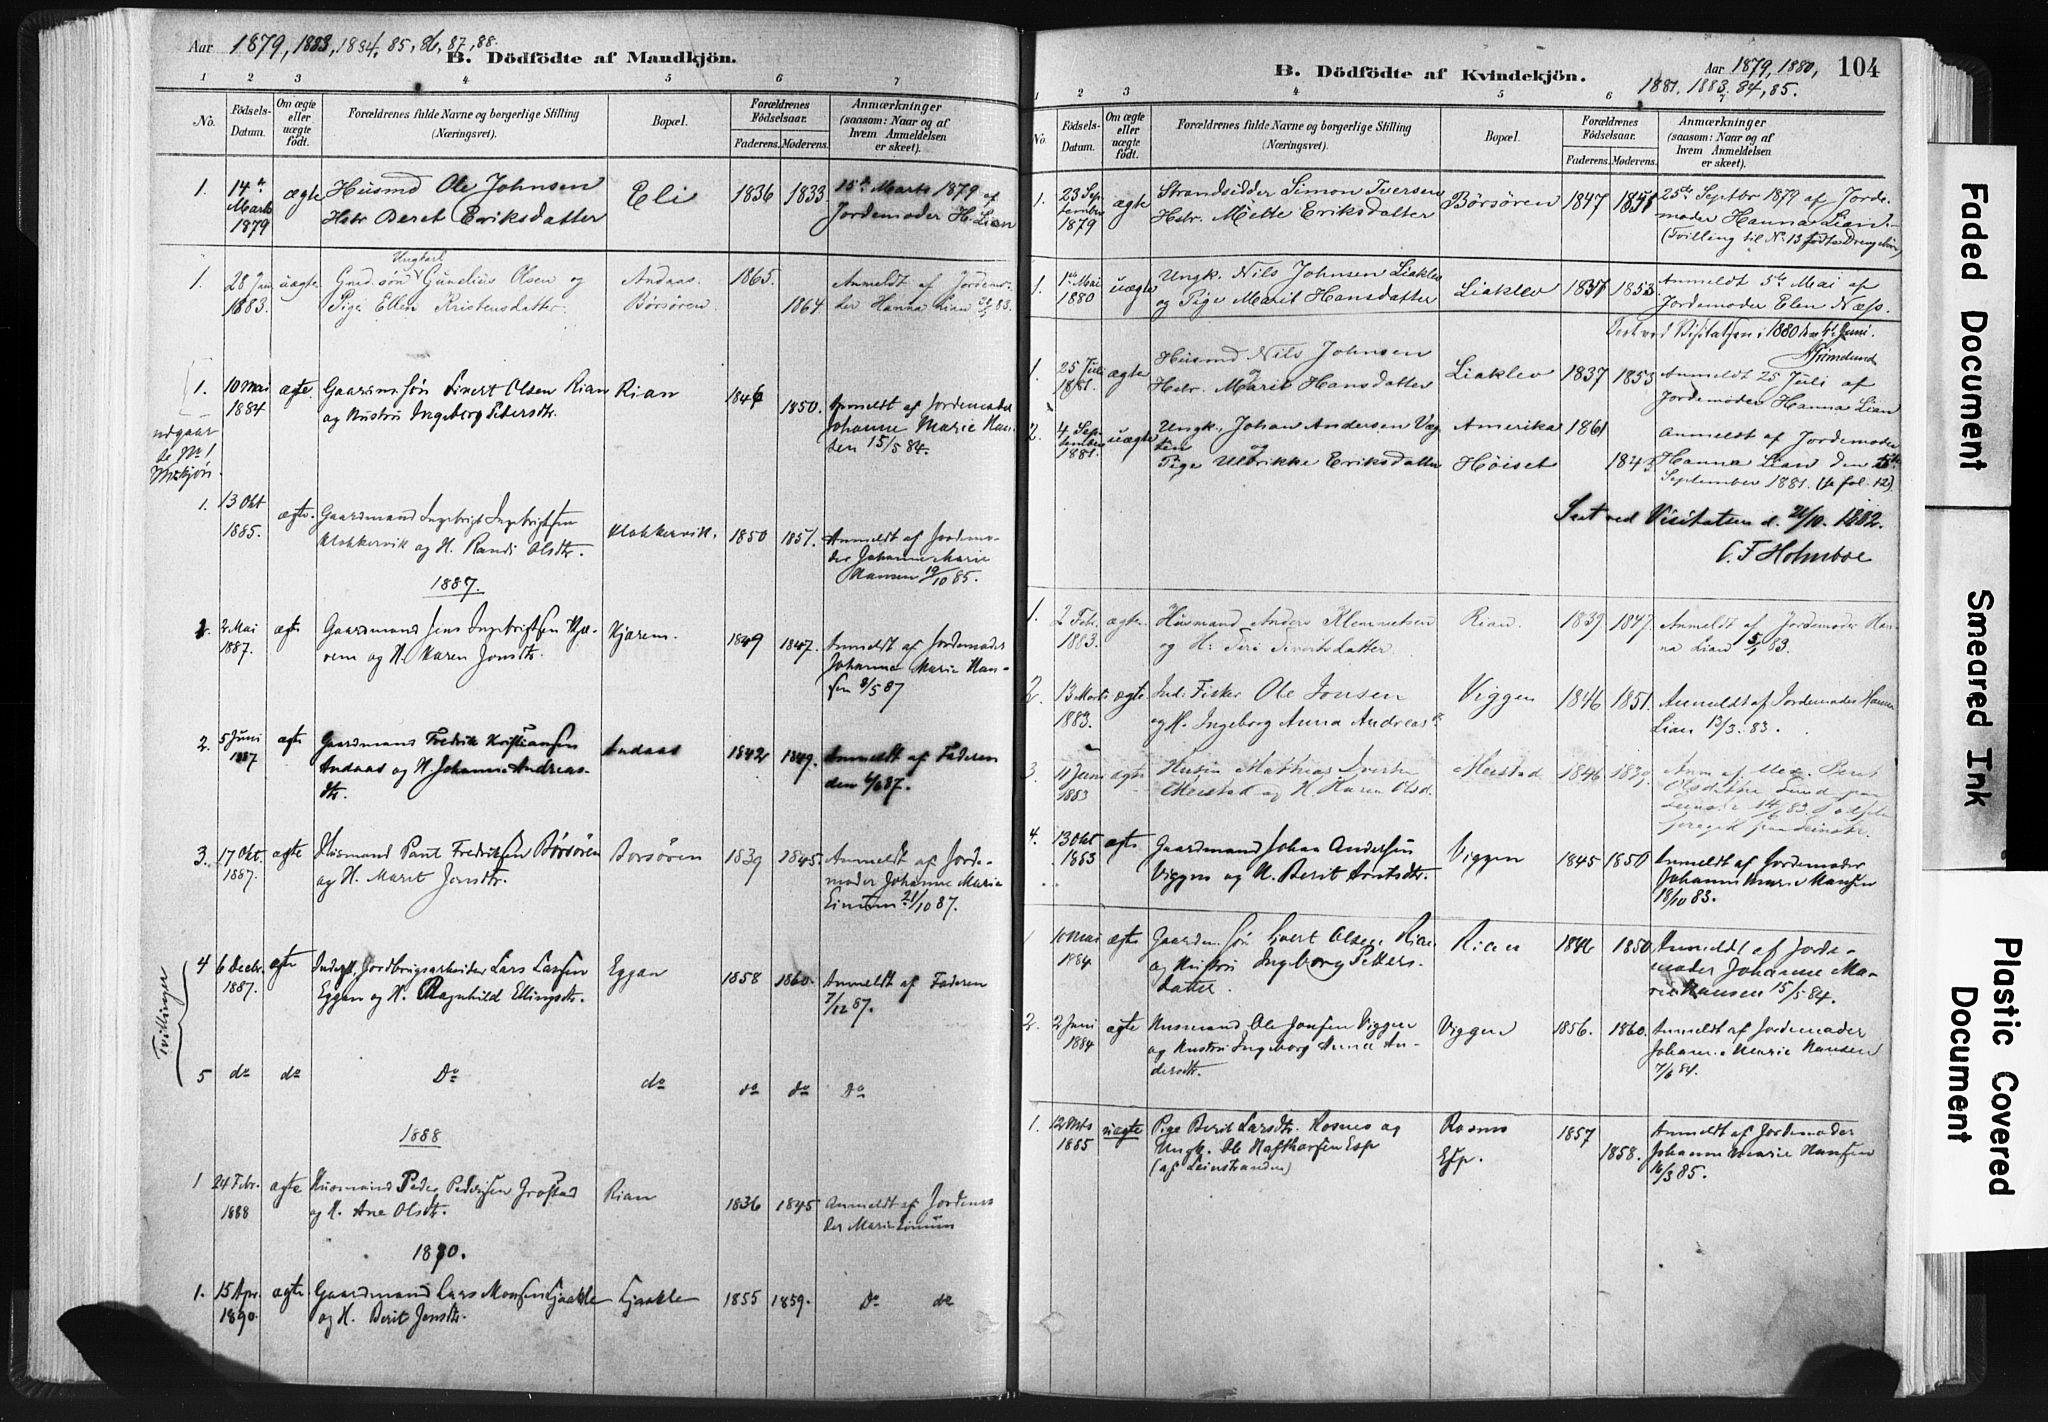 SAT, Ministerialprotokoller, klokkerbøker og fødselsregistre - Sør-Trøndelag, 665/L0773: Ministerialbok nr. 665A08, 1879-1905, s. 104